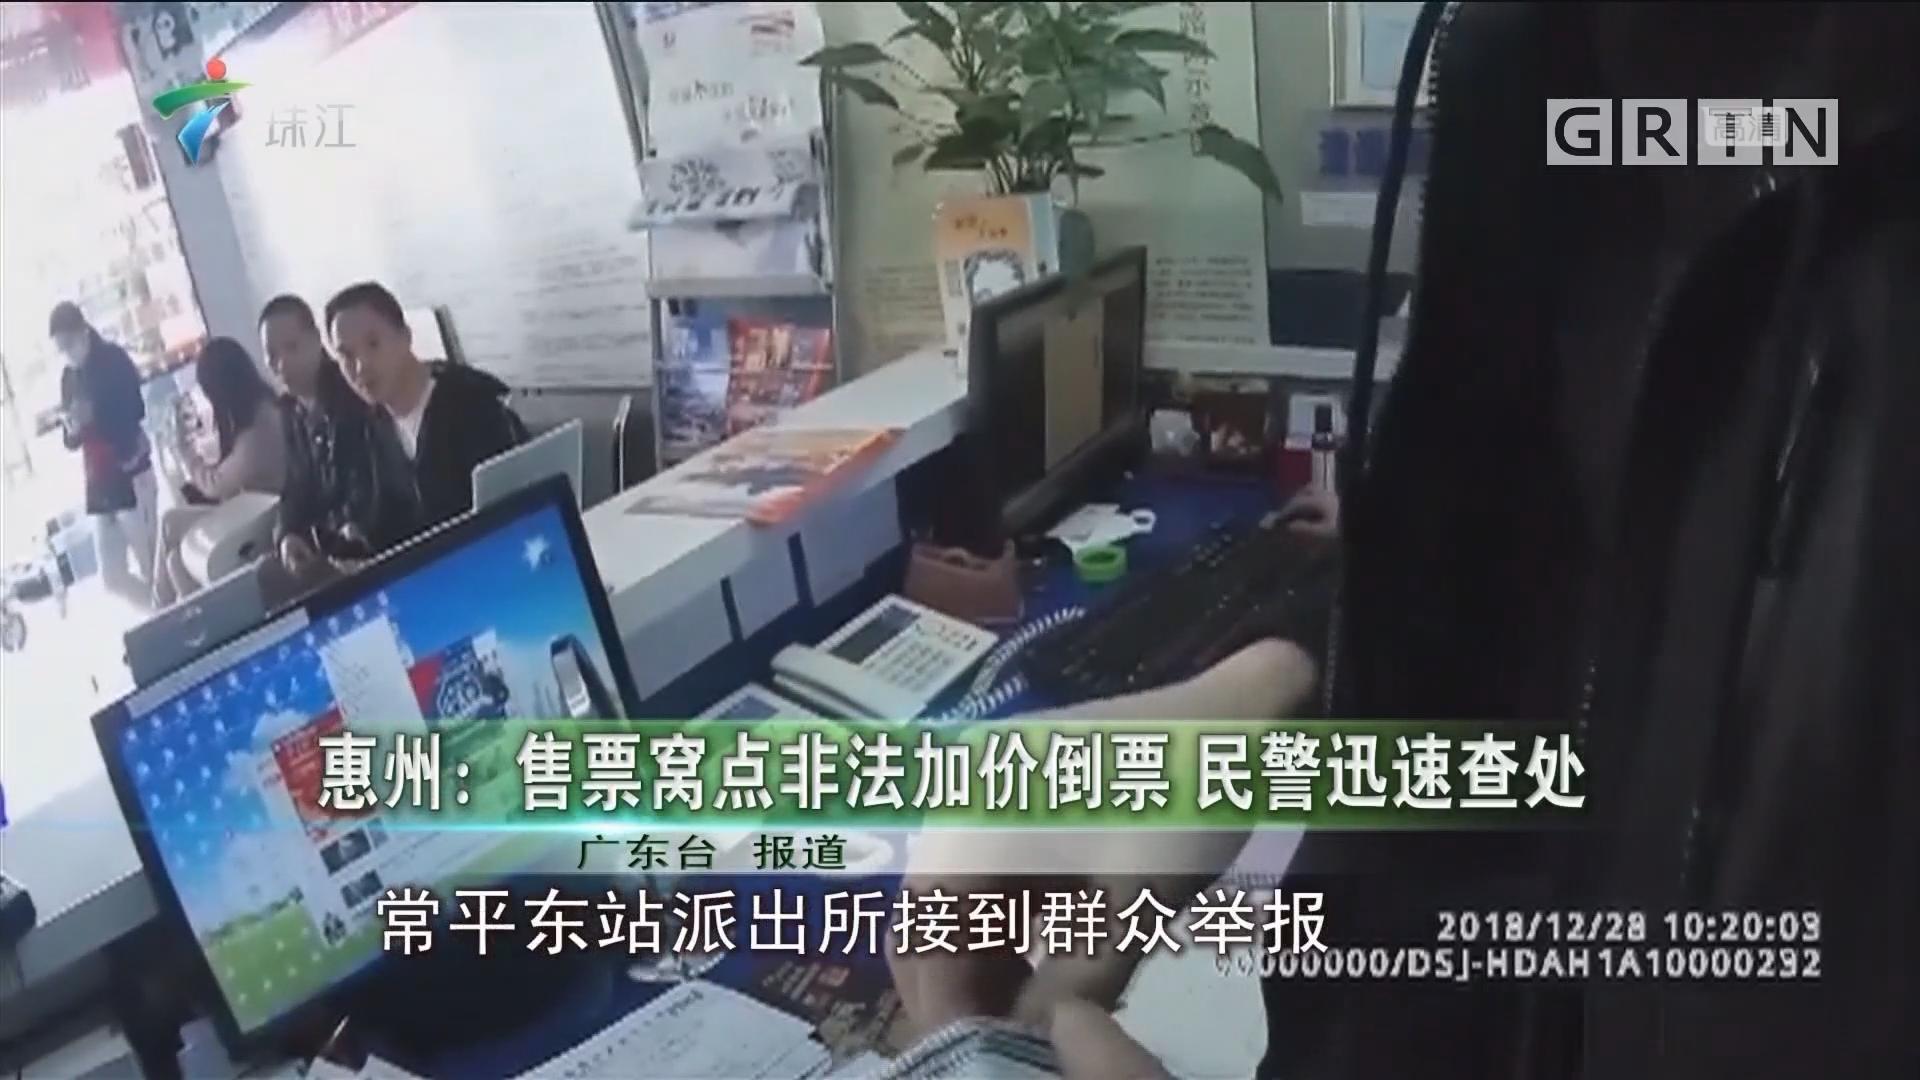 惠州:售票窝点非法加价倒票 民警迅速查处